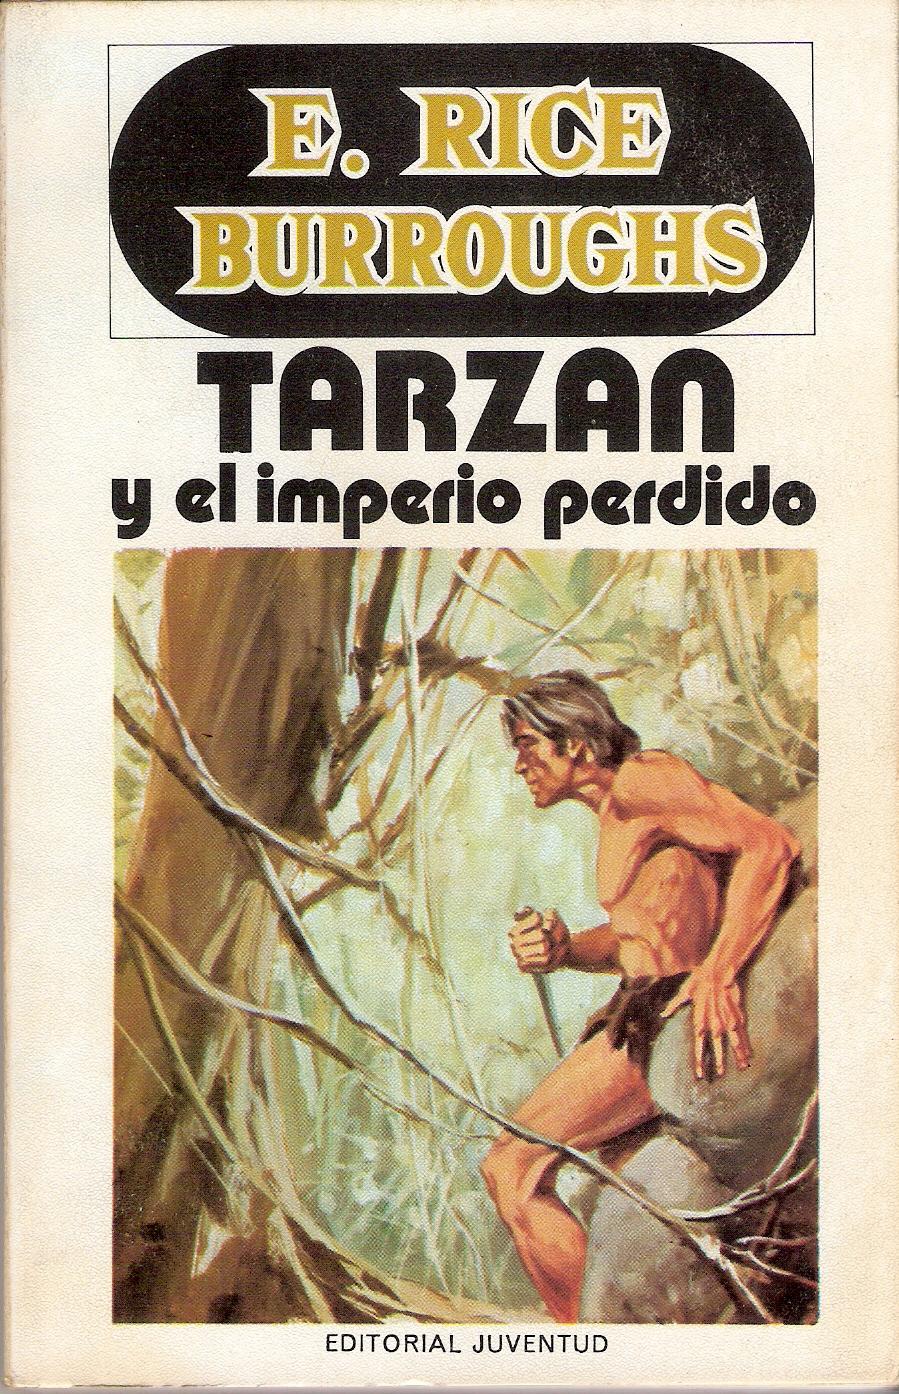 Tarzán y el imperio perdido